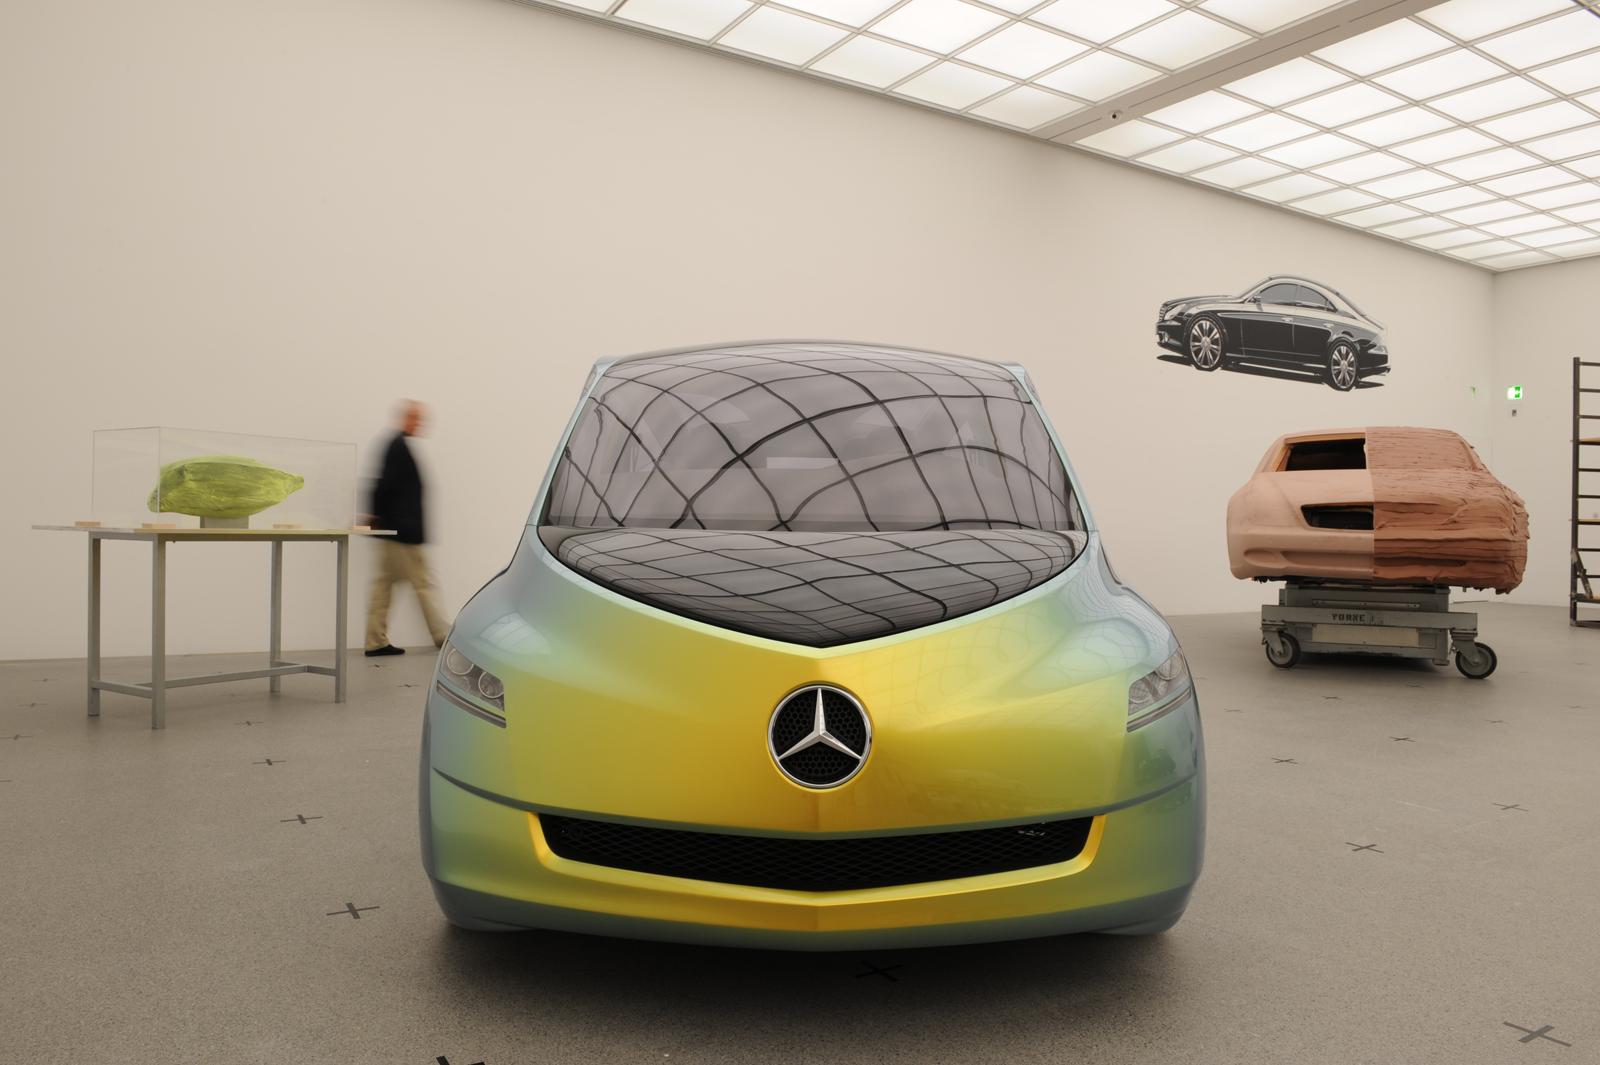 """Выставка """"вехи истории автомобильного дизайна - пример Mercedes-Benz"""" в Pinakothek der Moderne) в Мюнхене - фотография №1"""